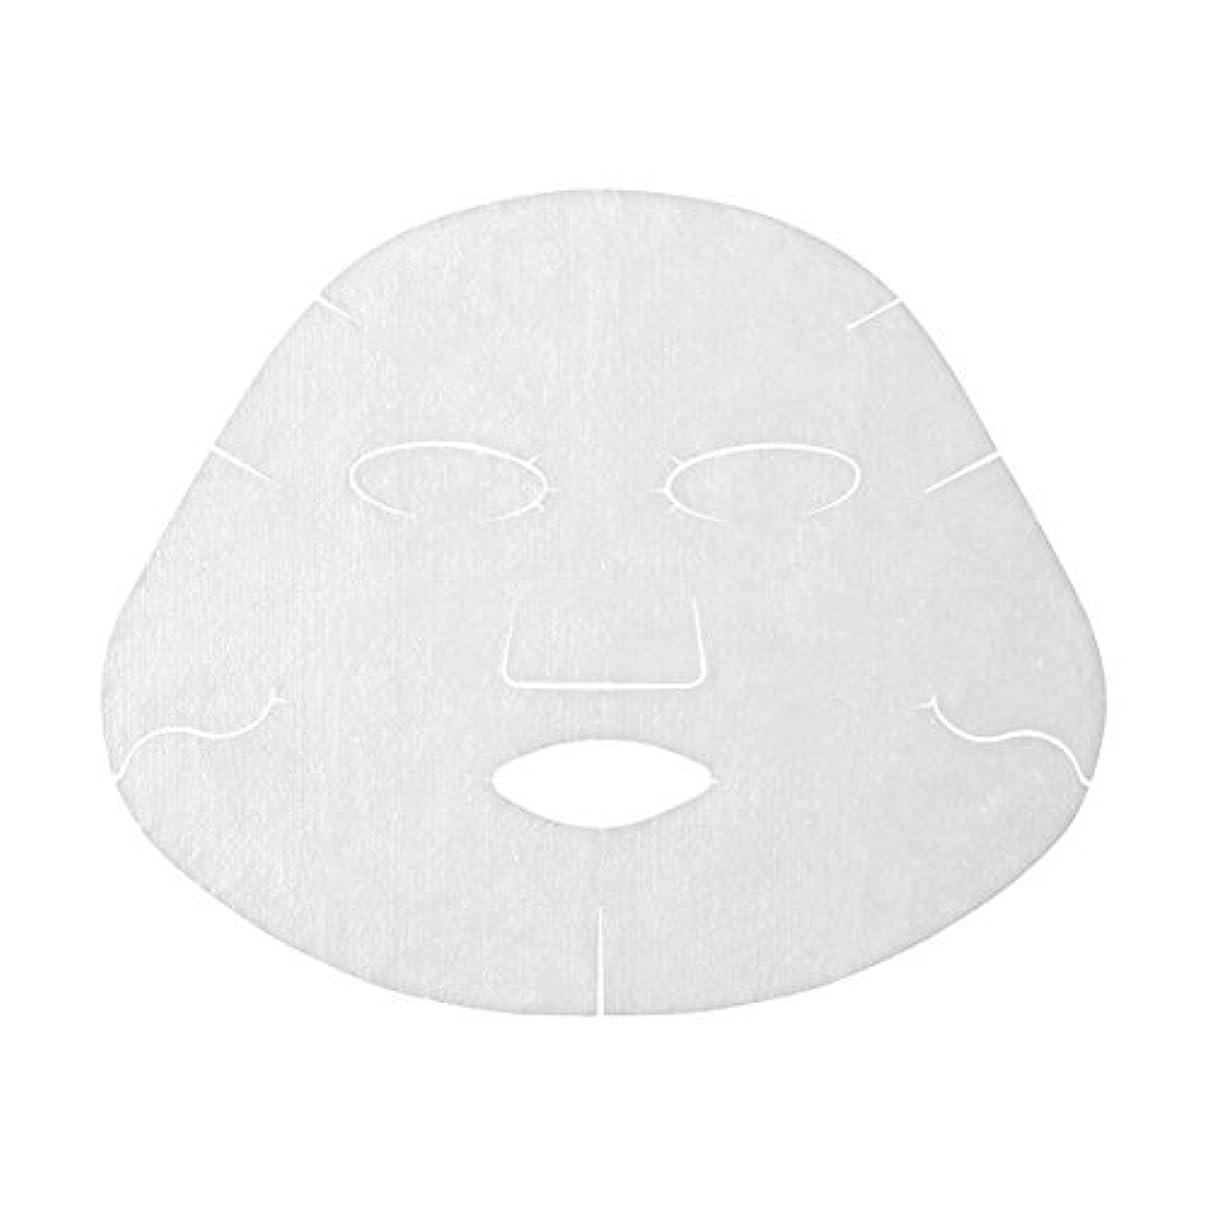 集団見つけた音楽を聴くアクアレーベル リセットホワイトマスク <1枚入り> 18mL×1枚×6個